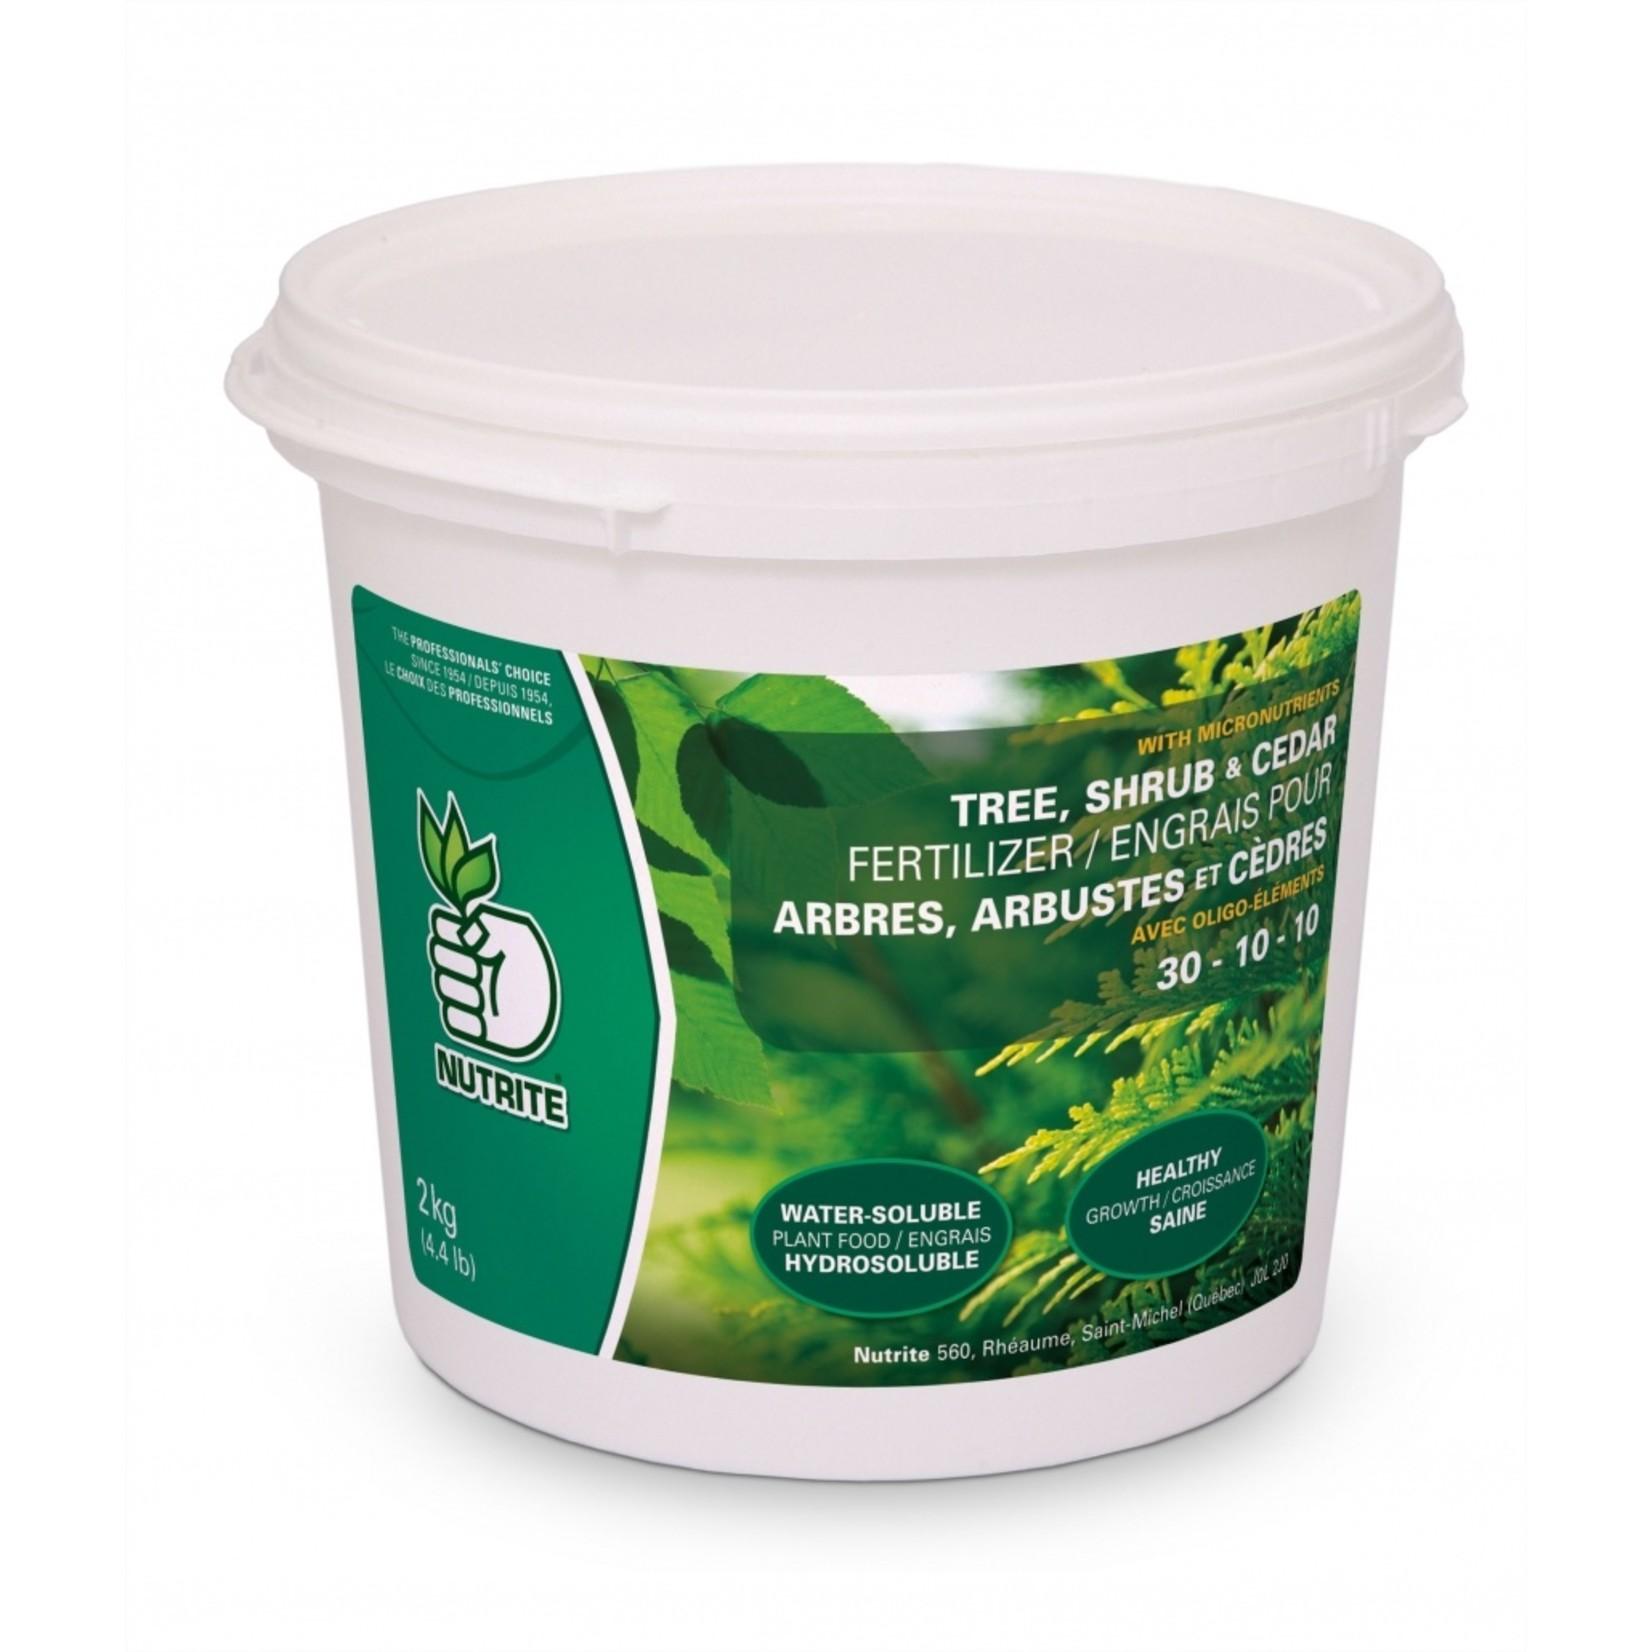 Nutrite Tree, Shrub & Cedar Fertilizer (30-10-10) 2 KG